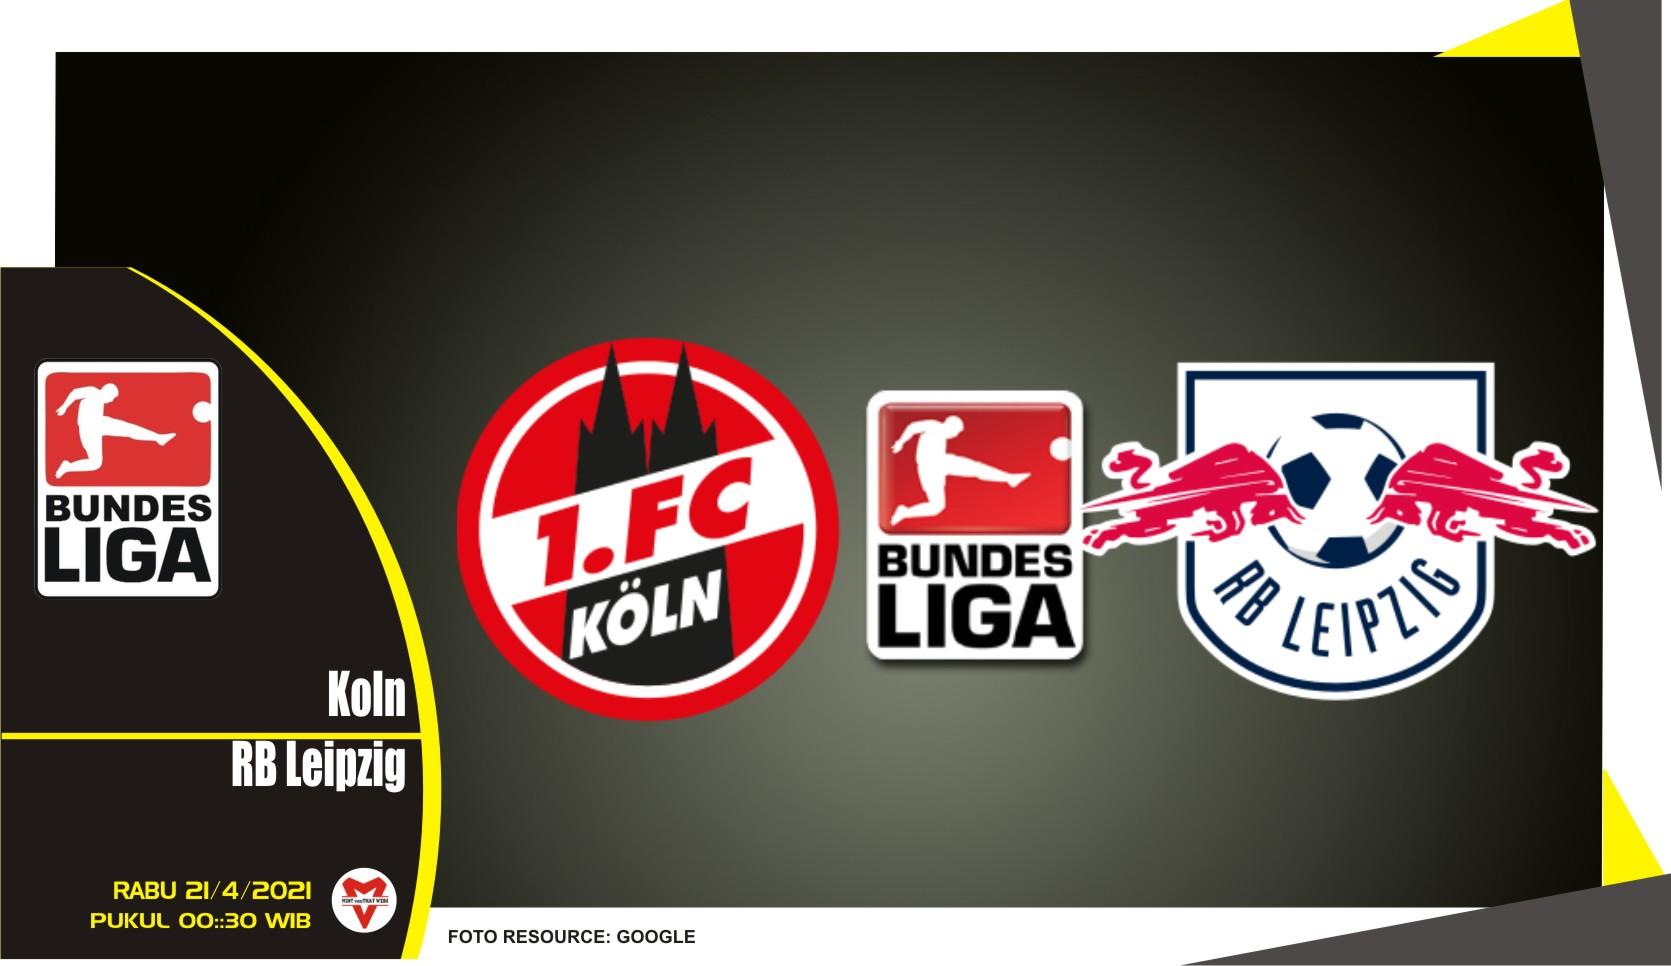 Prediksi Liga Jerman: FC Koln vs RB Leipzig - 21 April 2021